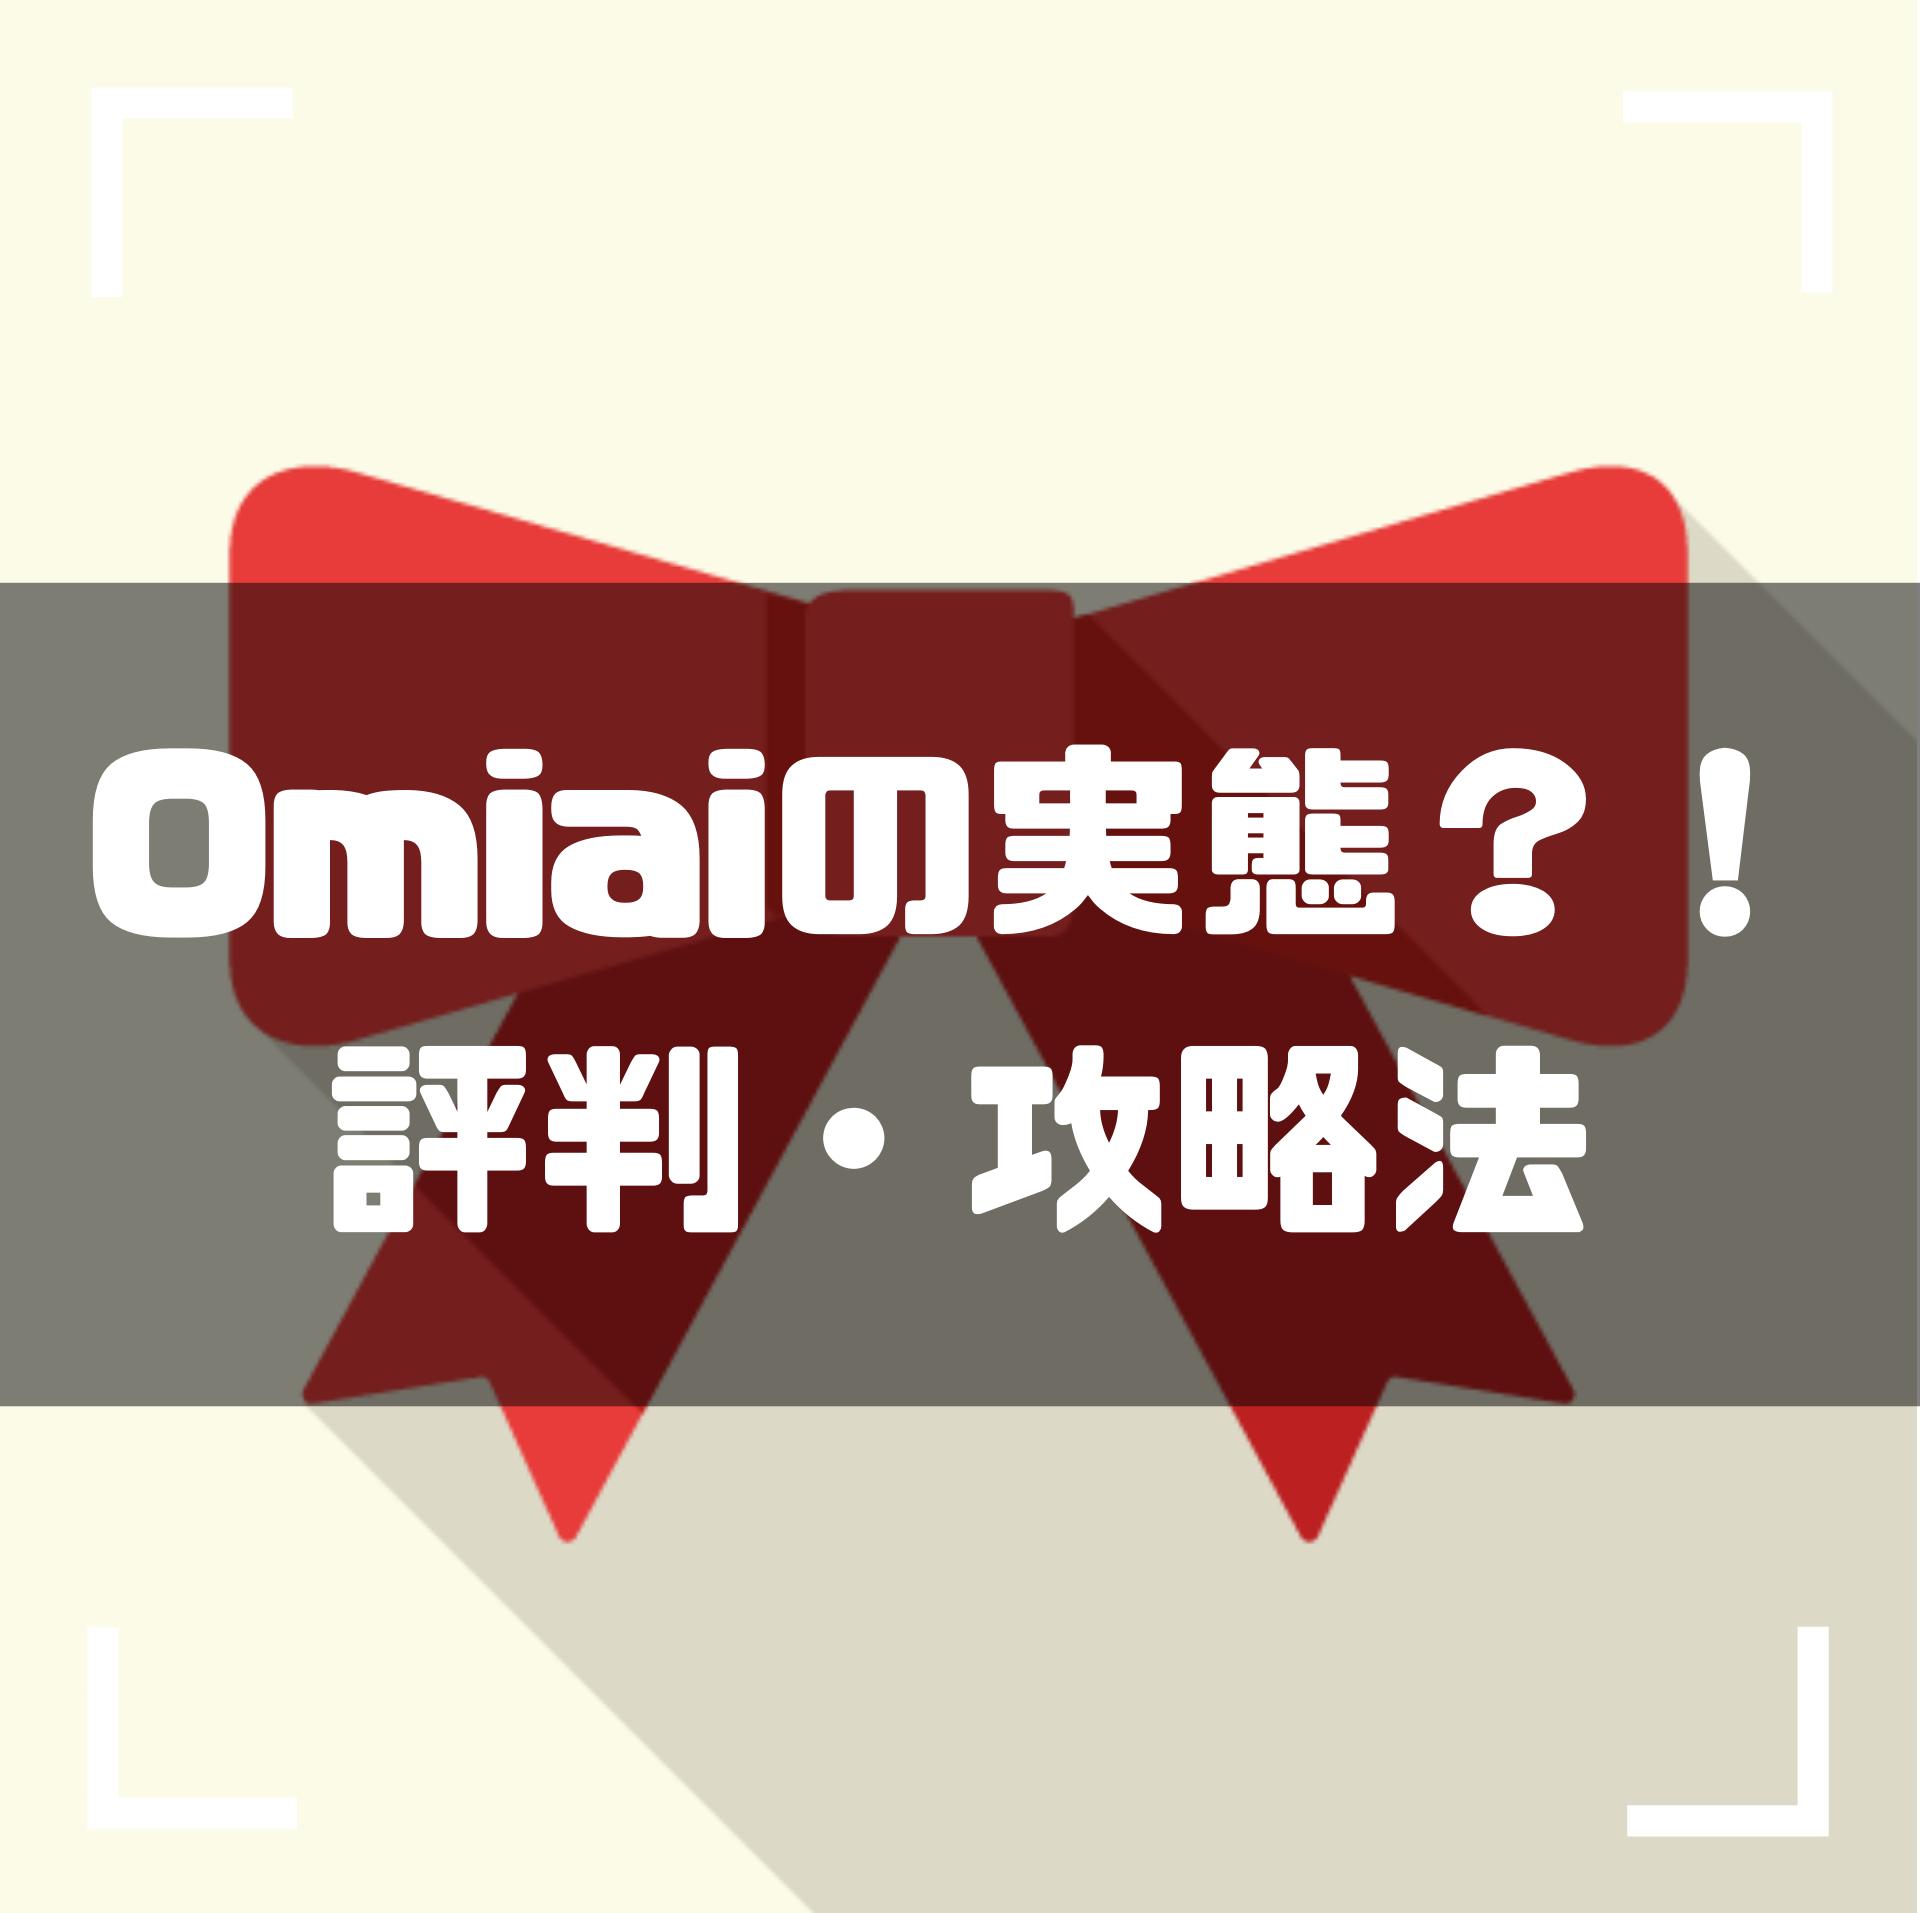 Omiai(オミアイ)の悪すぎる口コミも全て検証!真の実態を全てぶっちゃけます|攻略方法・料金・評判・比較がわかる完全ガイド